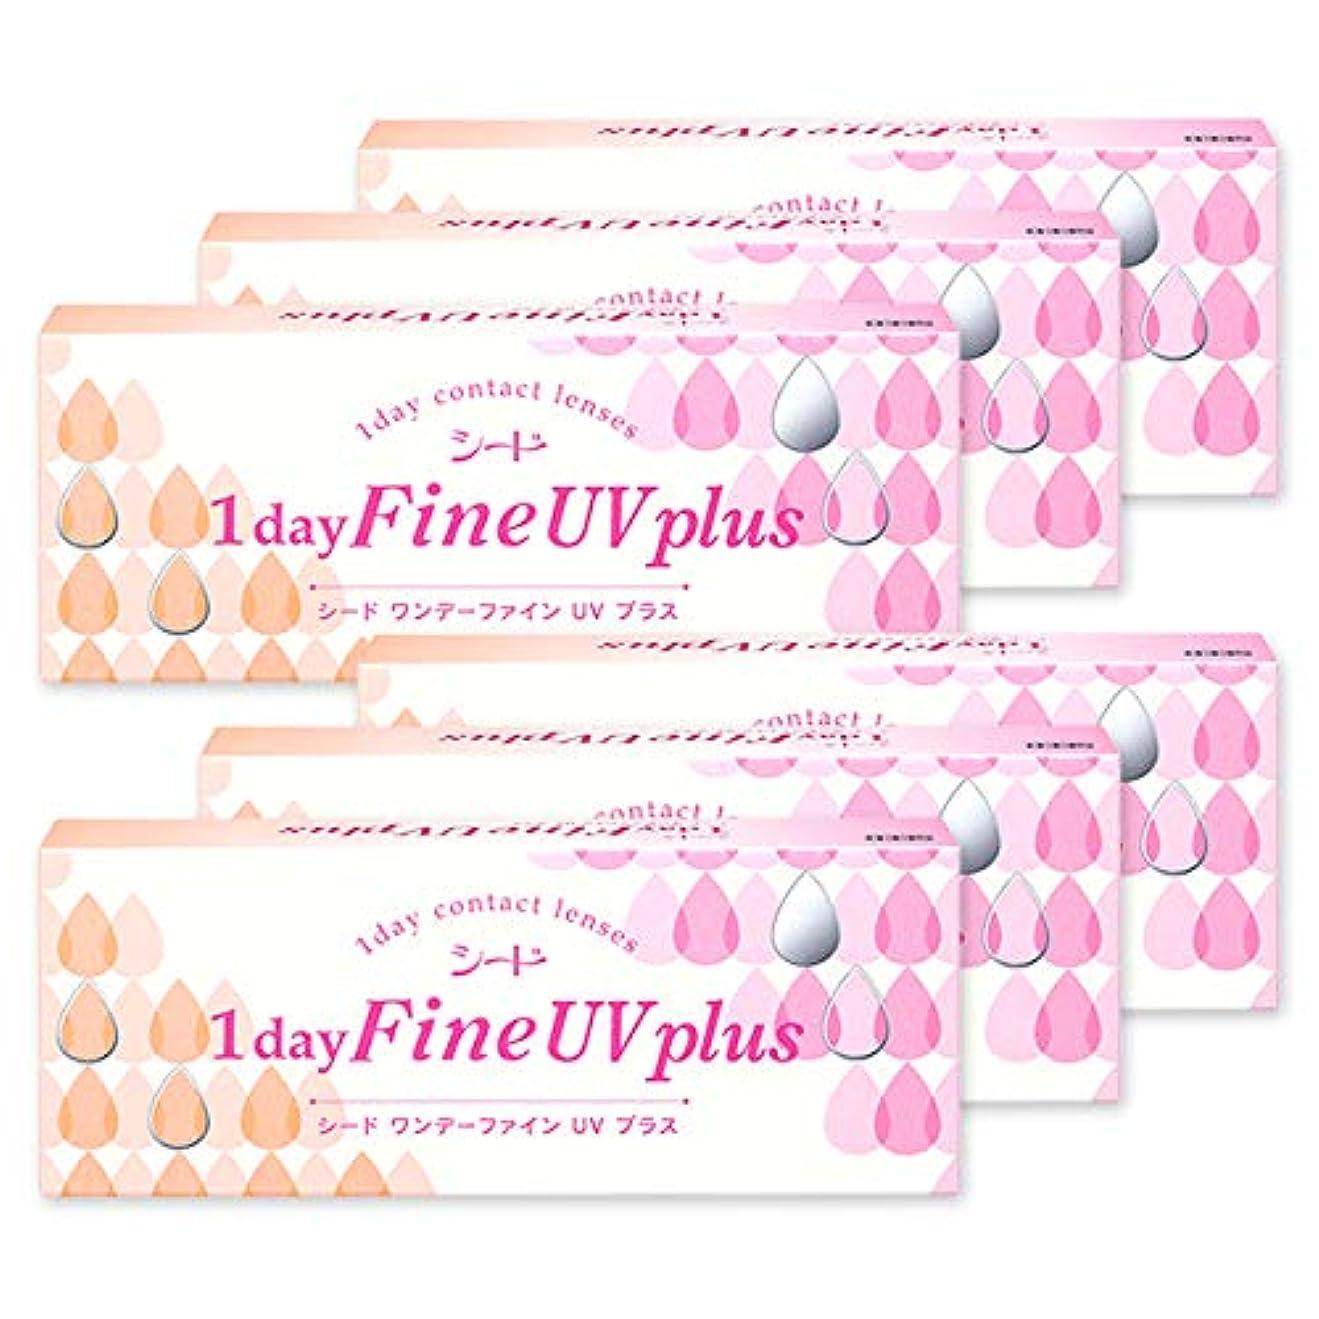 助手現れるフォージSEED ワンデー ファイン UV Plus プラス 1day 【BC】8.7【PWR】-8.00 6箱